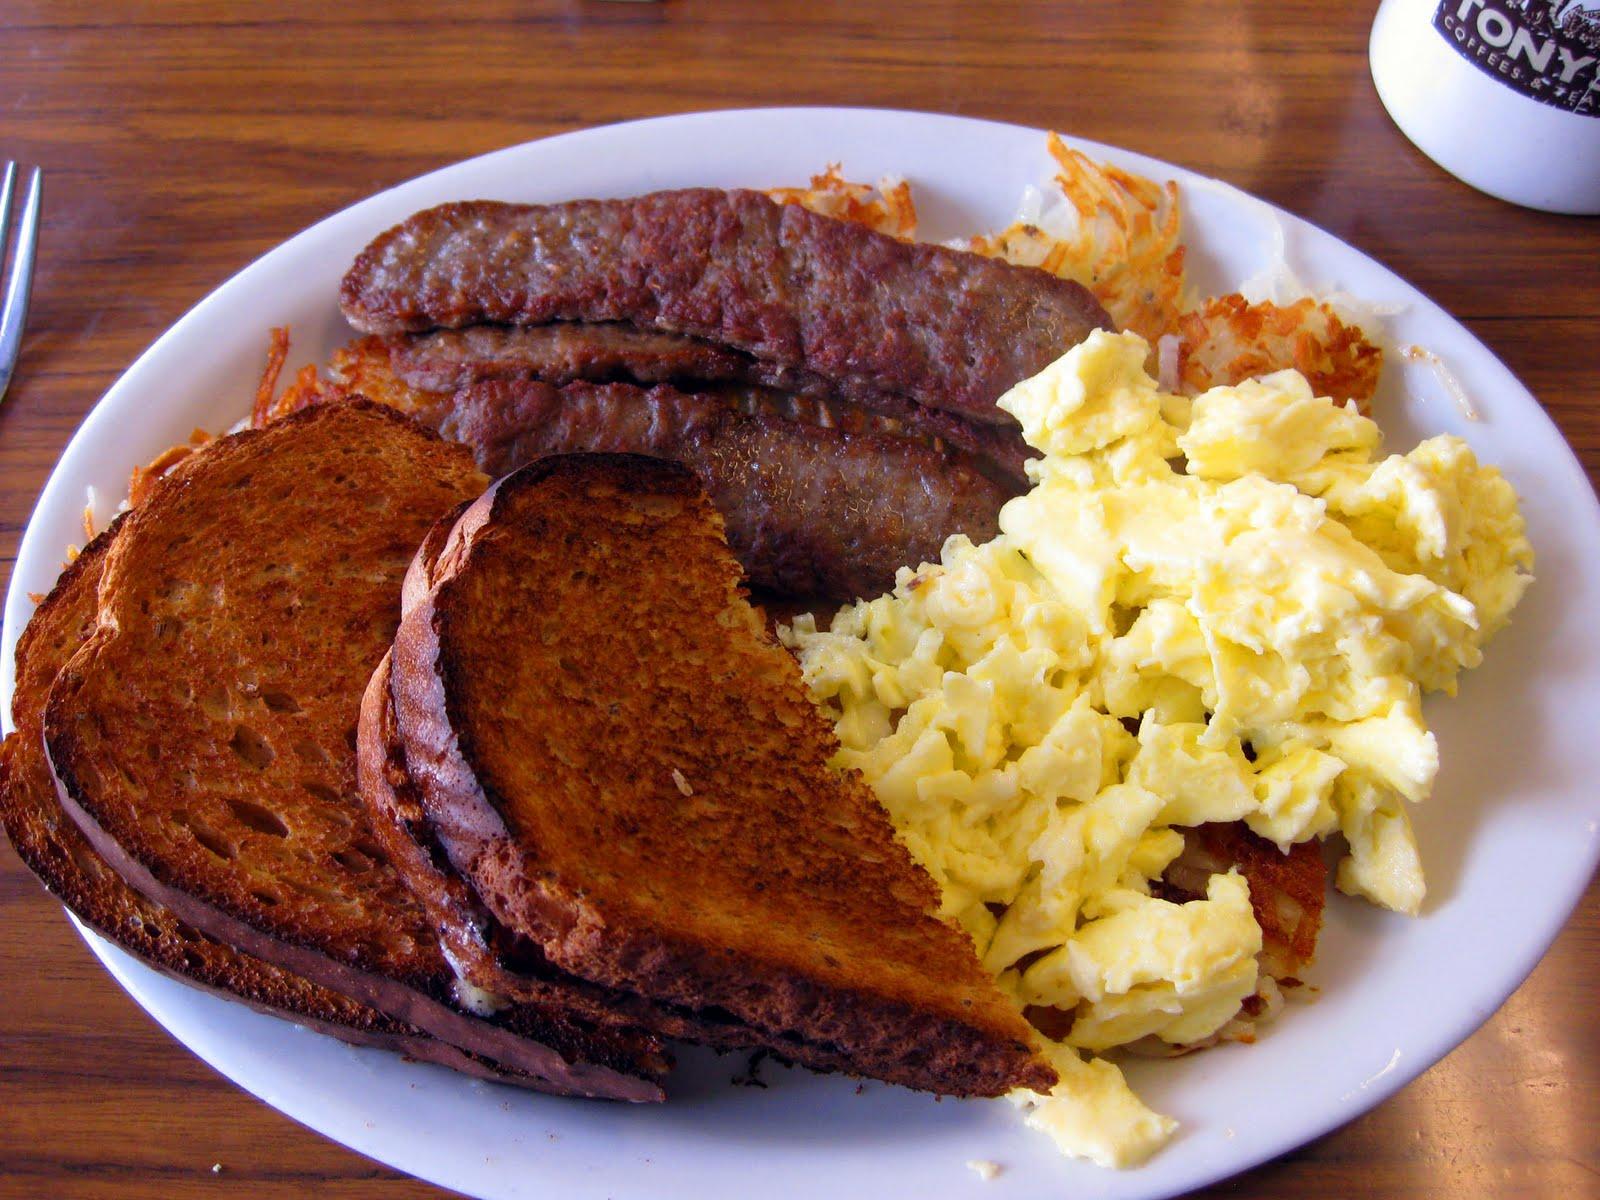 Eggs+and+Greek+Sausage.jpg